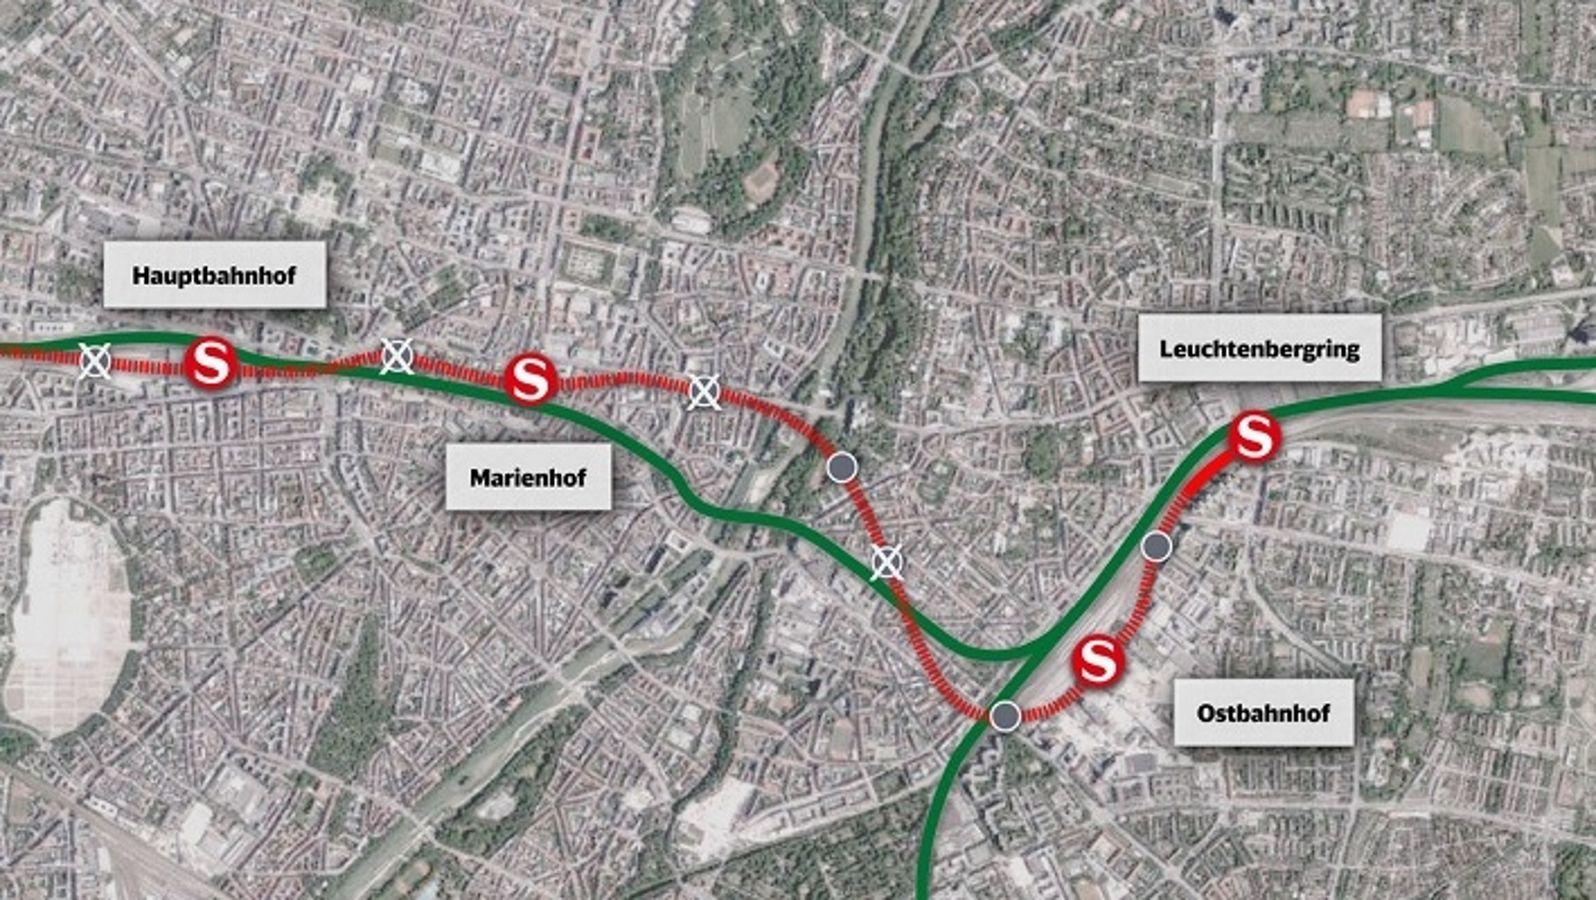 Neues Planfeststellungsverfahren Für 2 Stammstrecke Br24